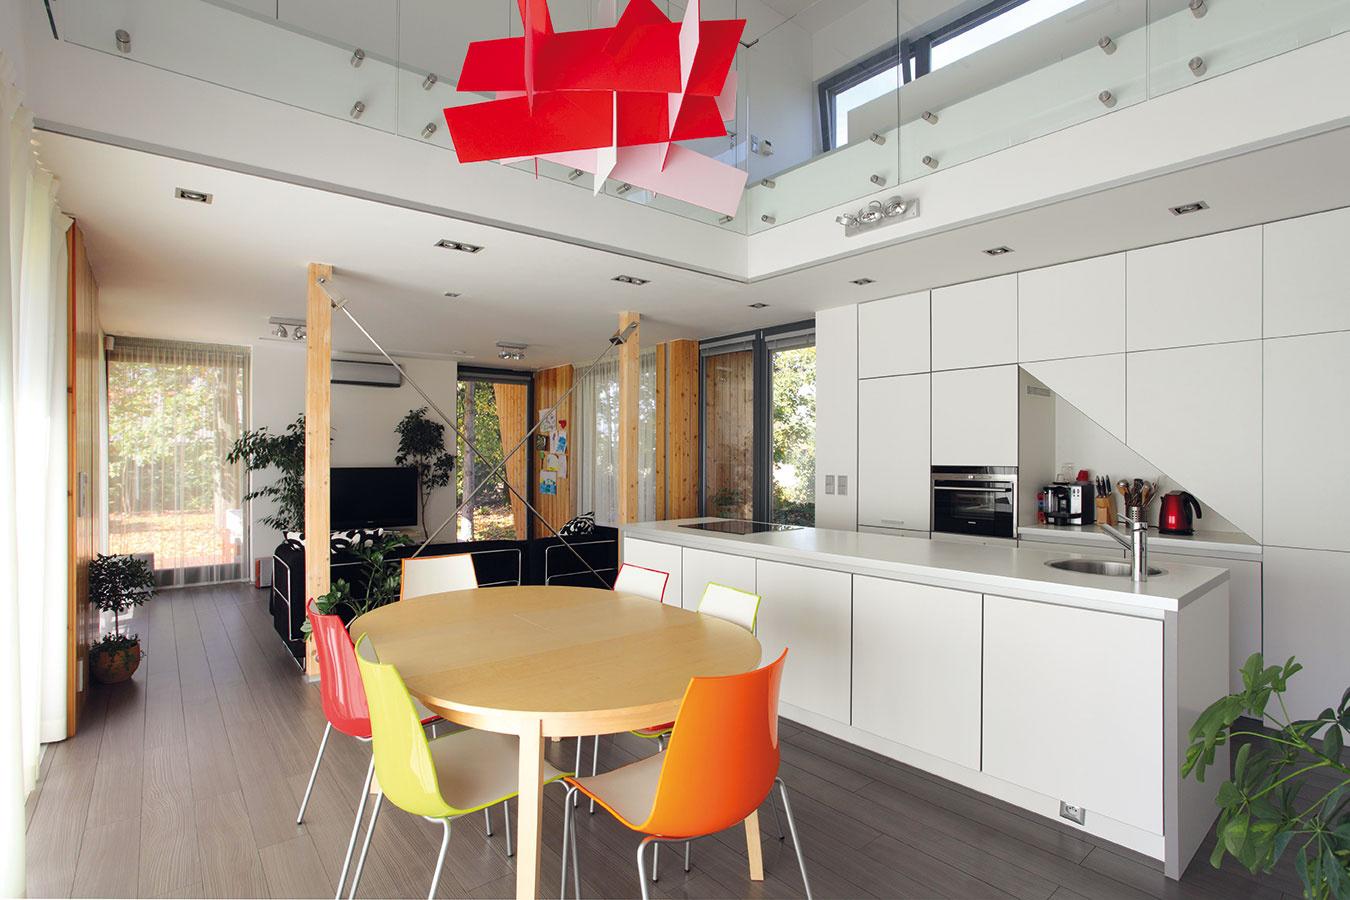 """Vnútorné zariadenie domu dotváralo interiérové štúdio, ktorého architekti excelentne """"uchopili"""" architektonického ducha stavby avsúlade sjeho odkazom na funkcionalizmus vytvorili modernistický, čistý ajasný priestor. Dominuje vňom racionalita abiela farebnosť, zjemnená prvkami viditeľnej drevenej konštrukcie adrevenej dlážky. Potrebné rozveselenie celku sa dosiahlo pestrofarebnými dizajnérskymi kúskami (luster, stoličky) vjedálenskej časti."""